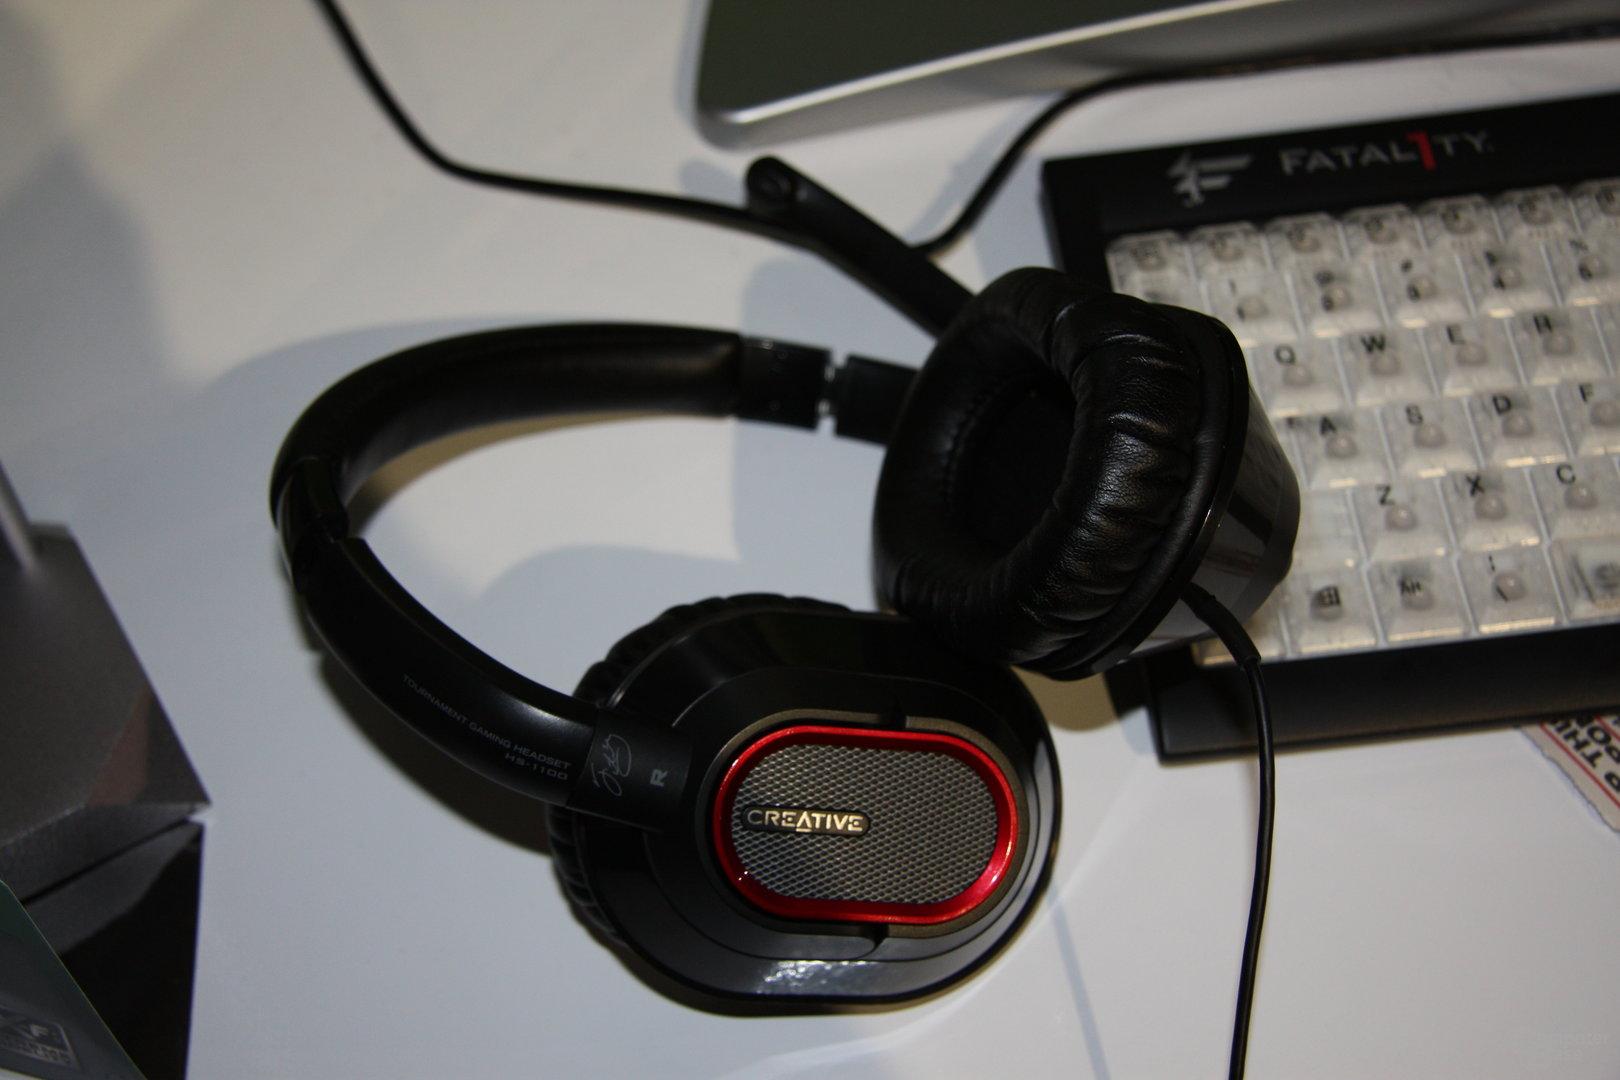 Creative HS-1100